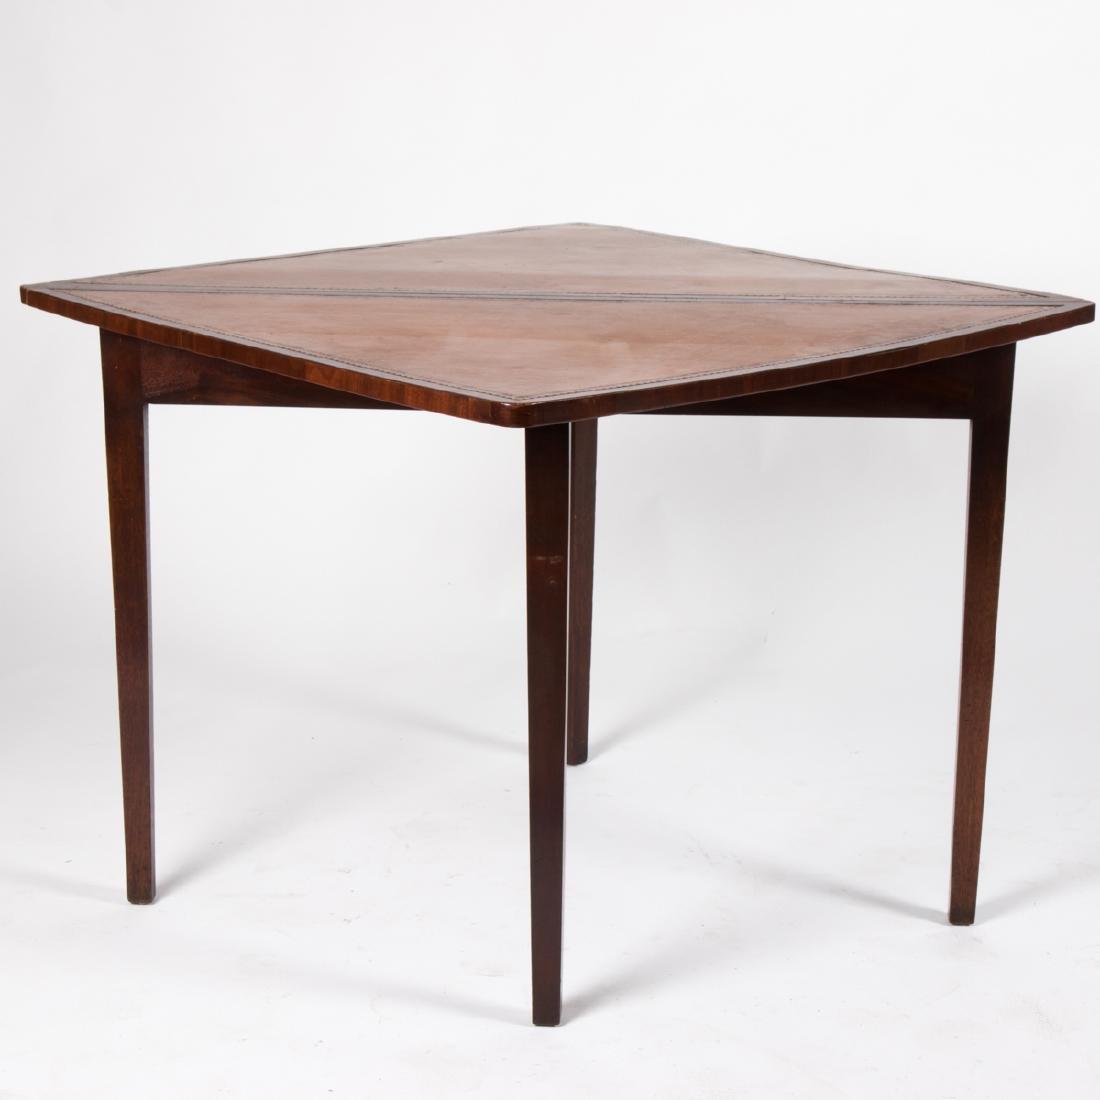 An English Mahogany Handkerchief Table, 19th/20th - 3